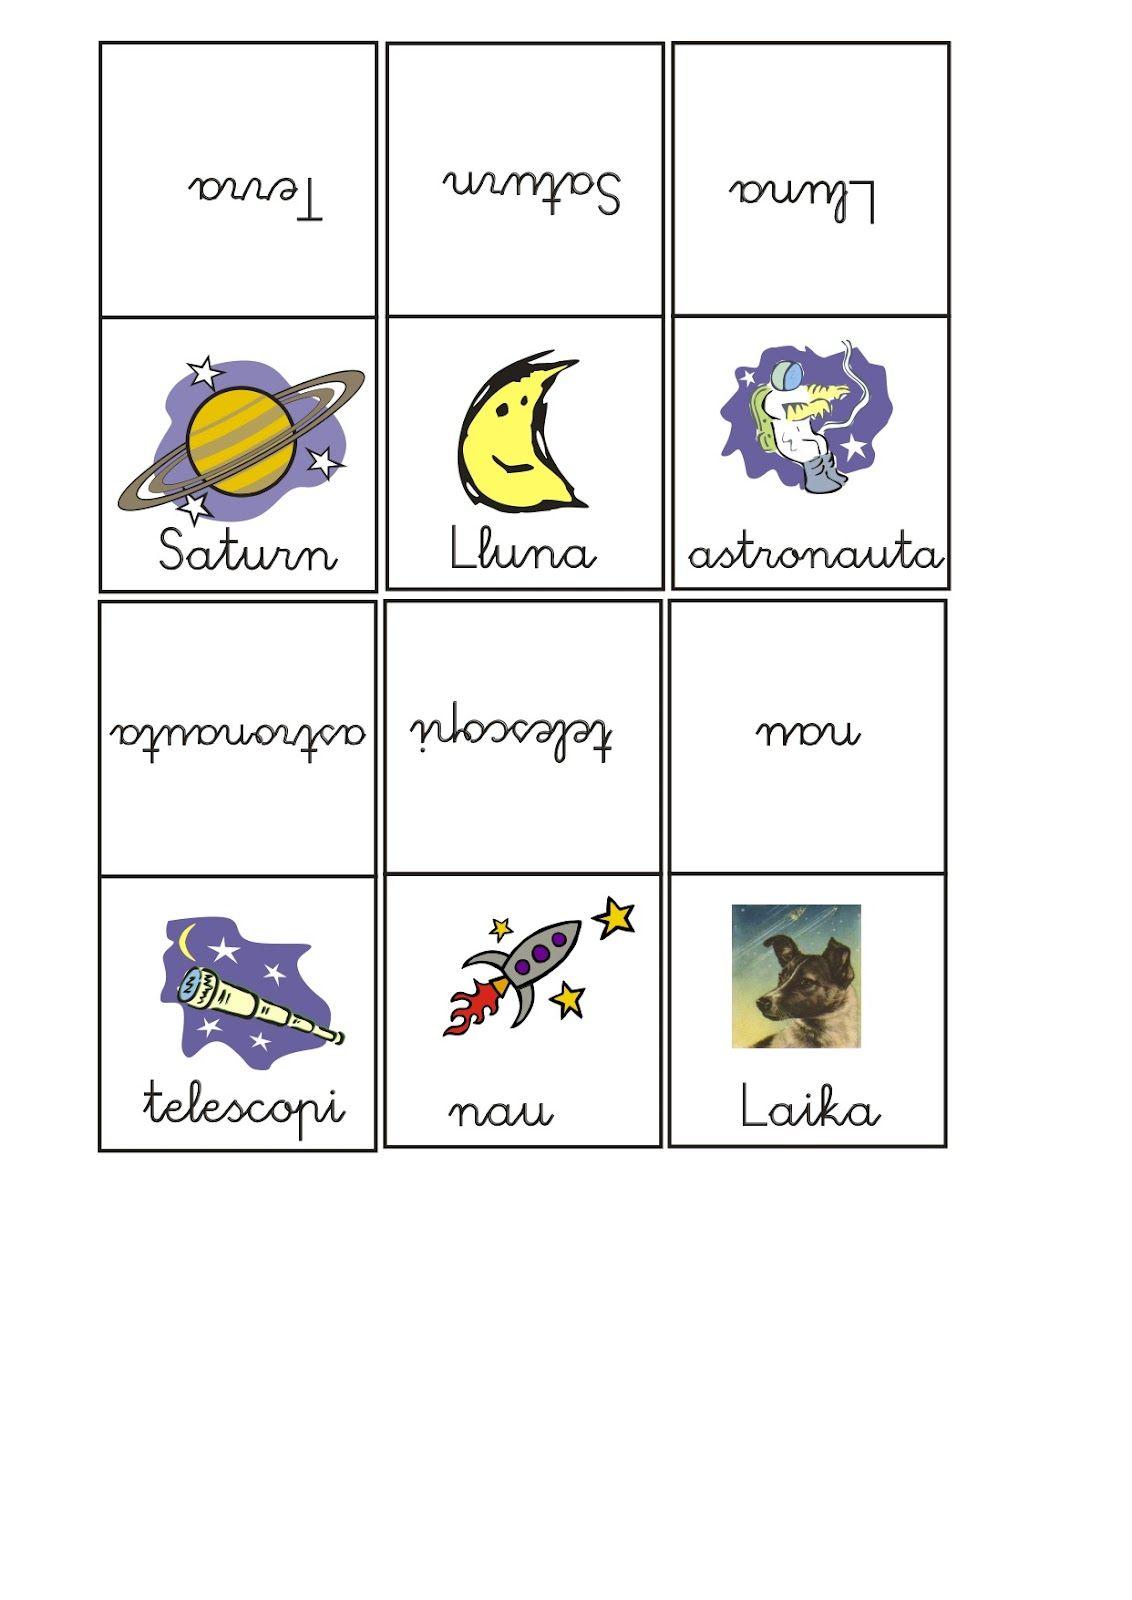 Us deixo un dominó del Univers que he trobat, on es relaciona dibuix-paraula. Espere us agrade.